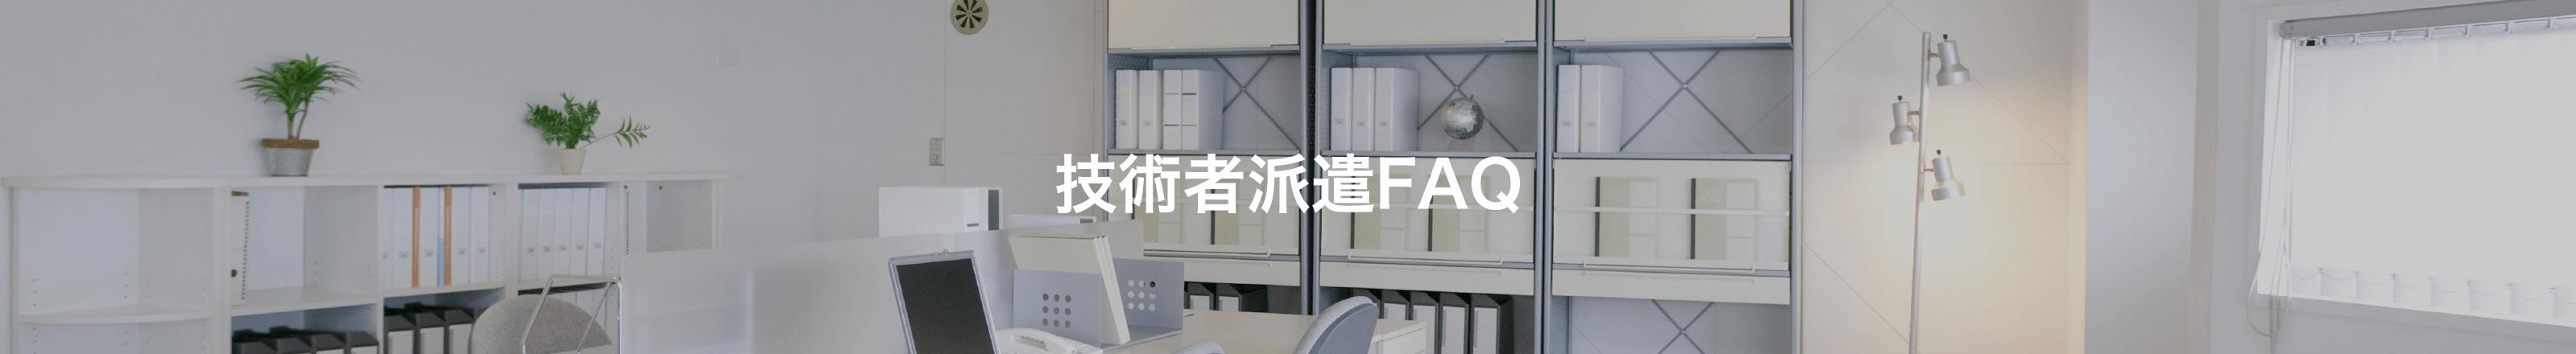 技術者派遣FAQ